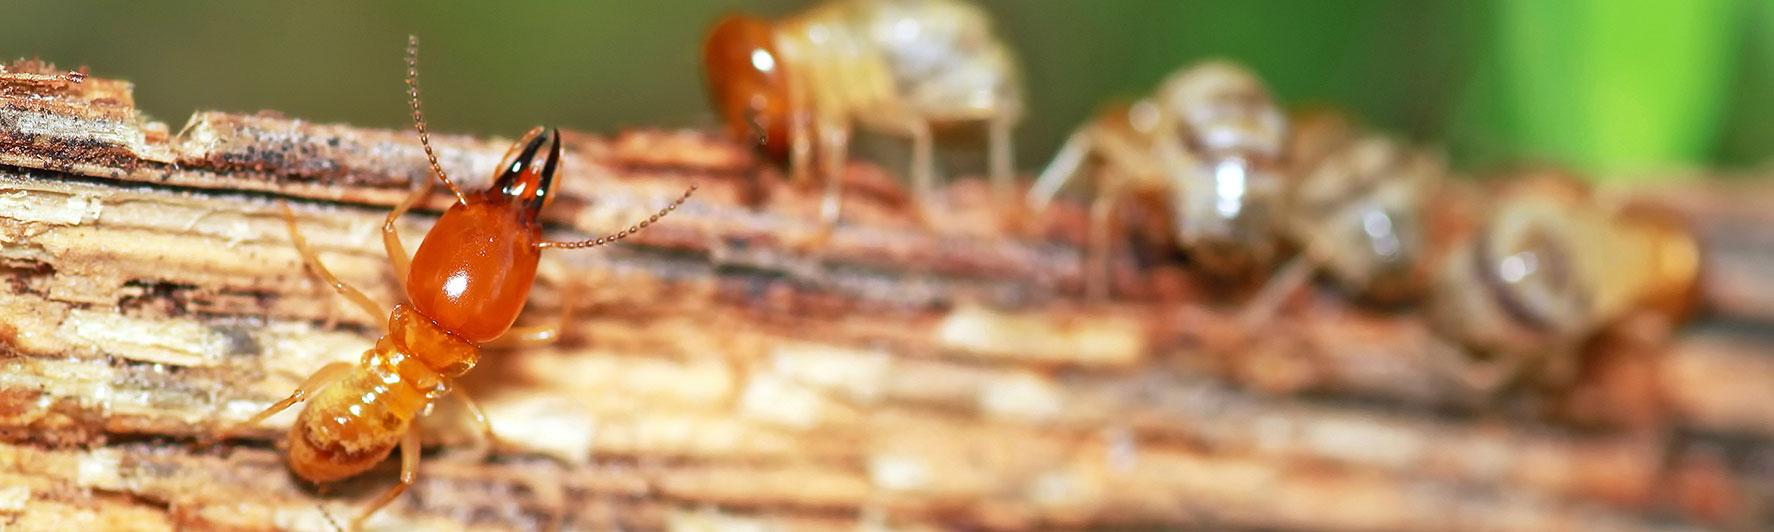 como eliminar termitas madera